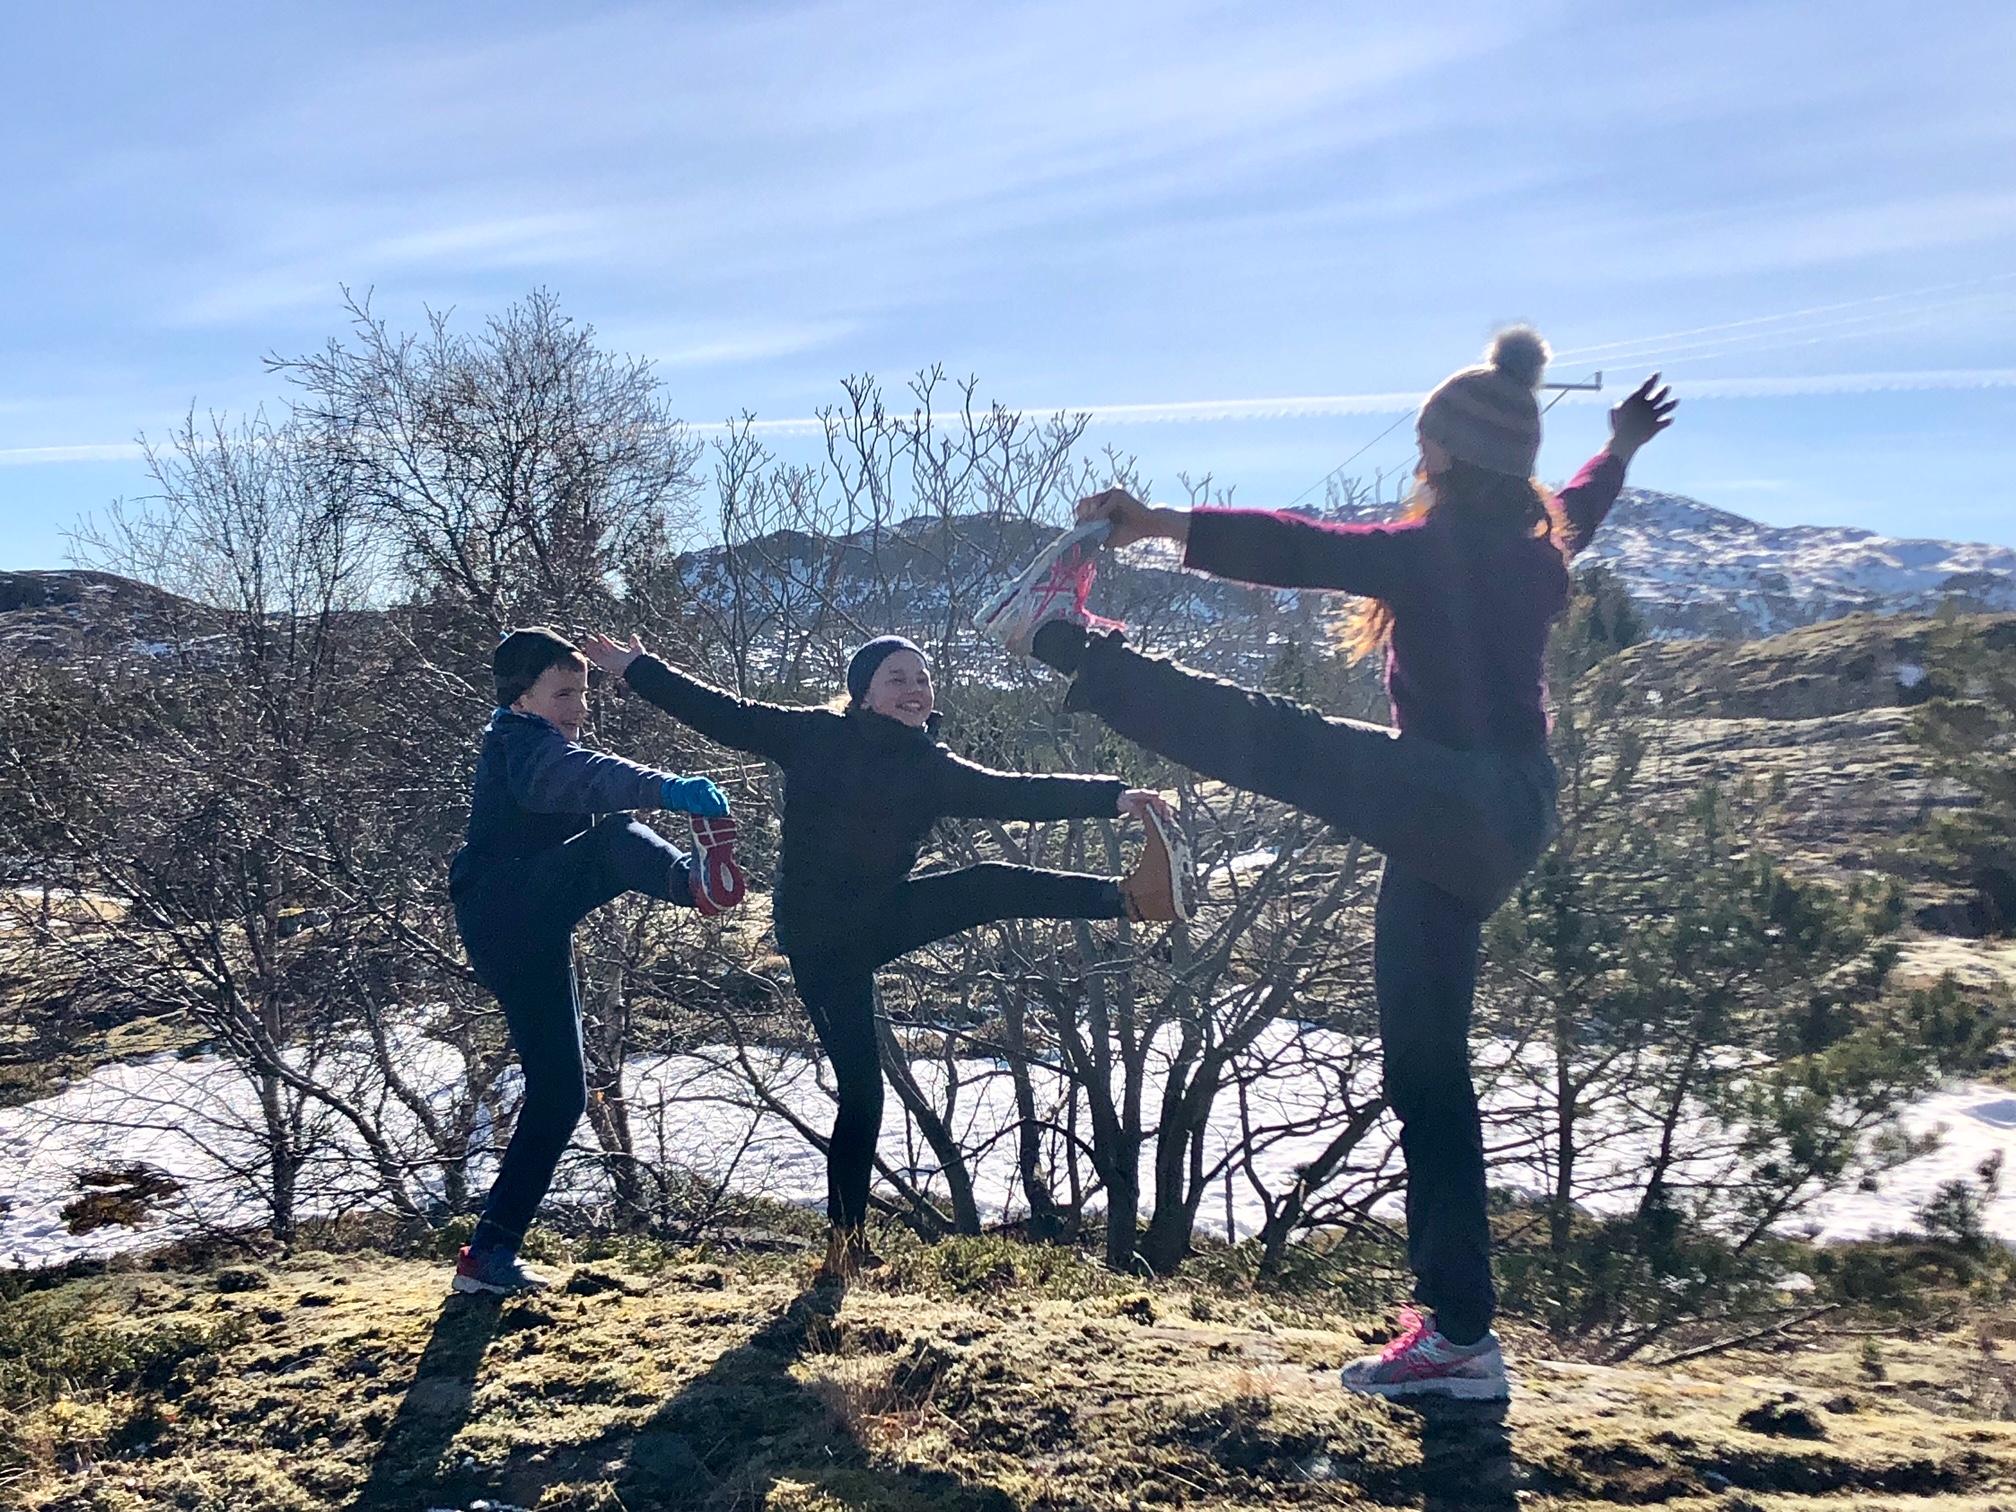 Yoga, yoga utendørs, yoga outside, barneyoga, yoga med barn, signe yoga, signeyoga, yoga bergen, yogaretreat, yogahelg, fitness, mittvestland, mitt bergen, helgeland